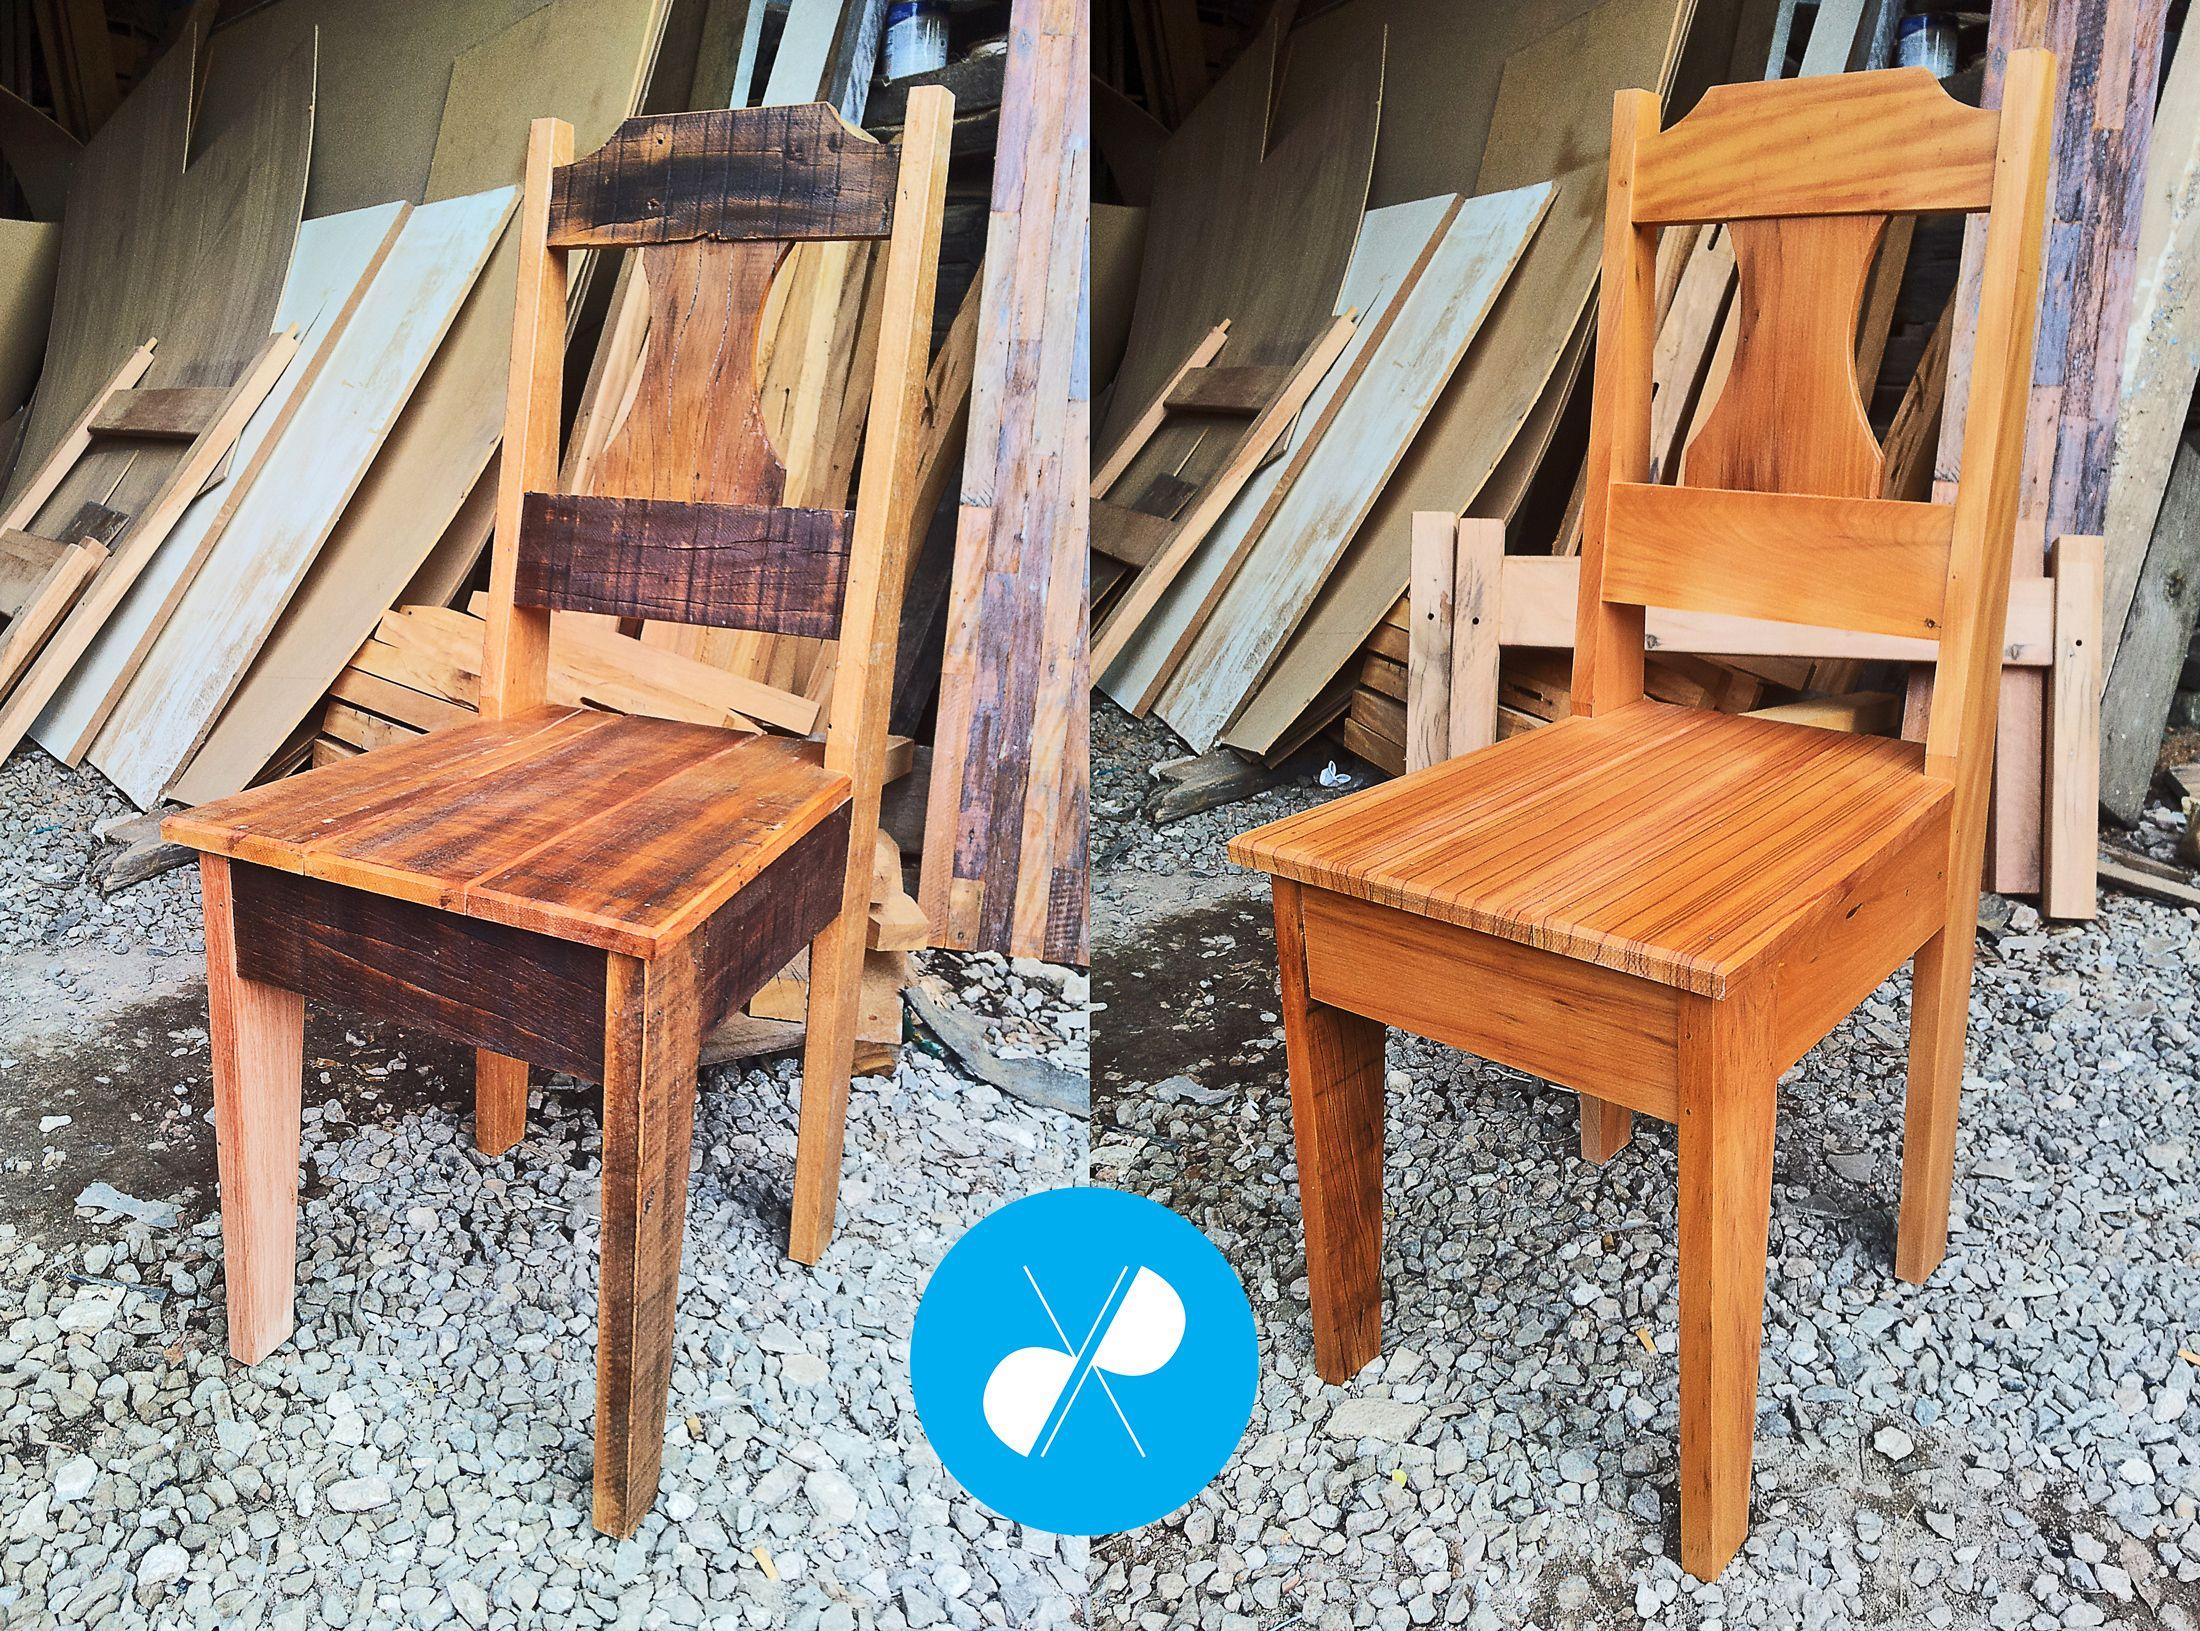 Cadeiras feitas com madeira de demolição, em acabamento rústico e fino.  Visite nosso site: http://vrmarcenaria.com.br/